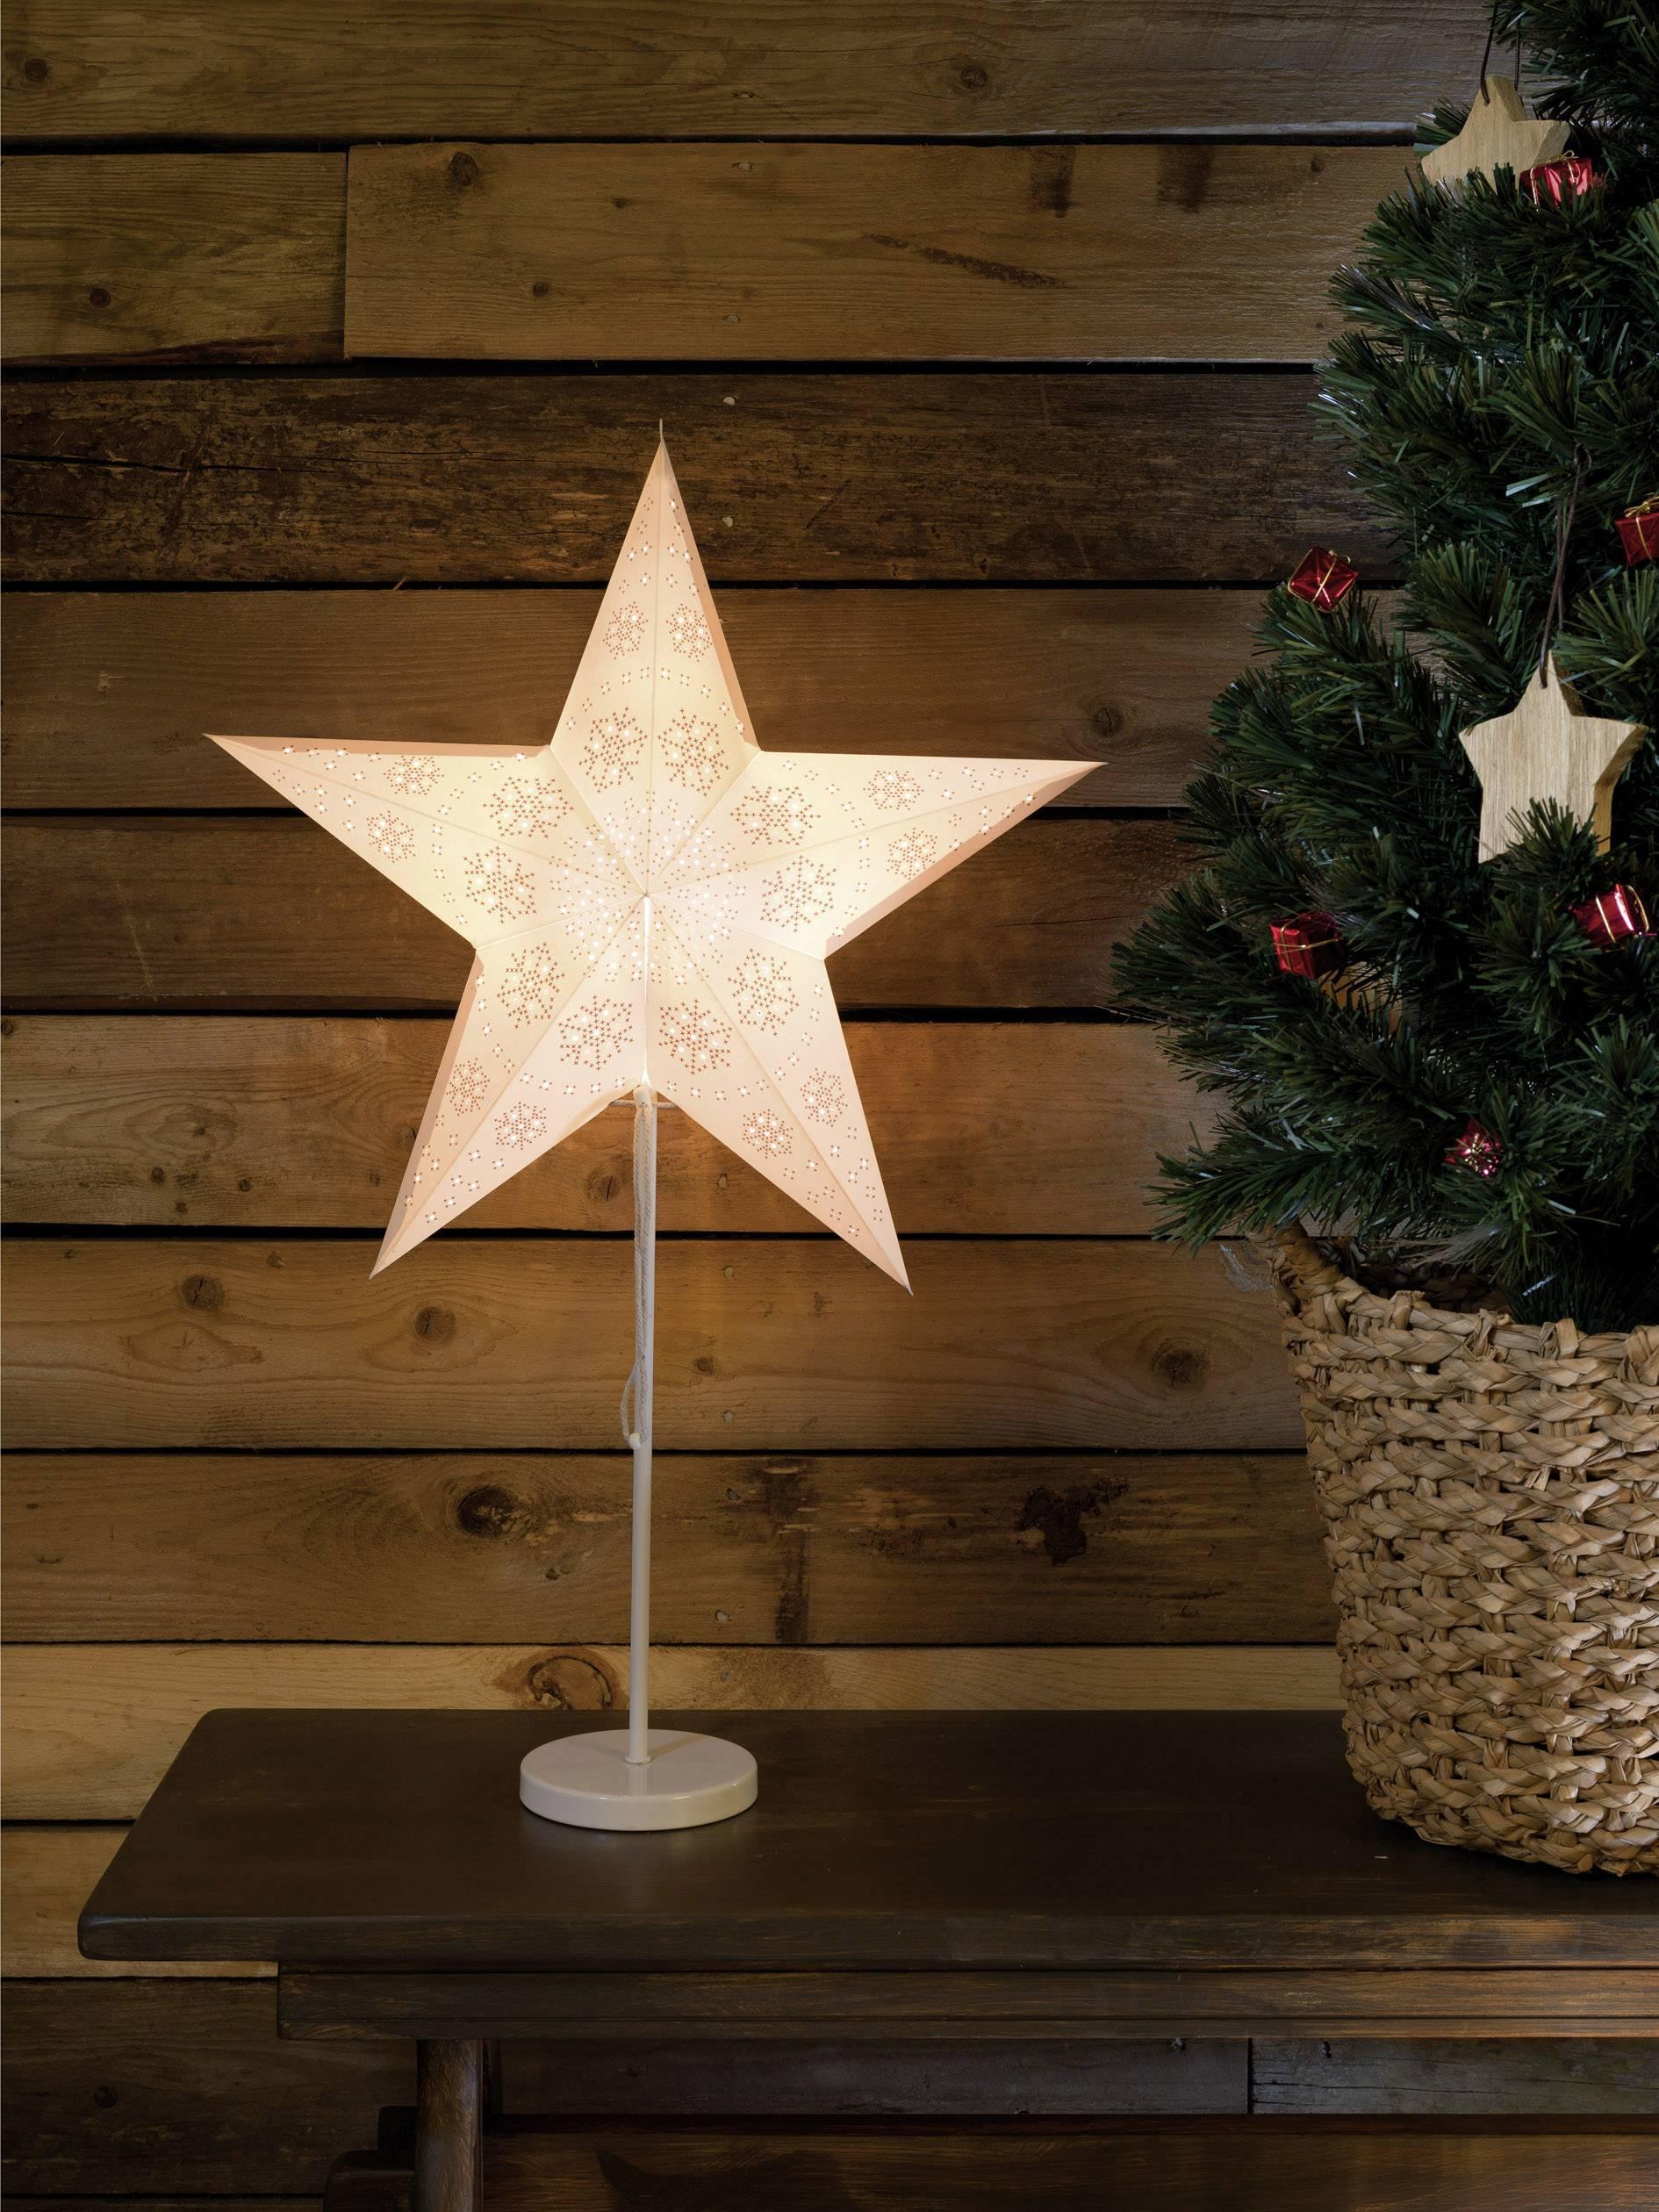 Hviezda, dekorácia na stôl Konstsmide 2991-250, biela